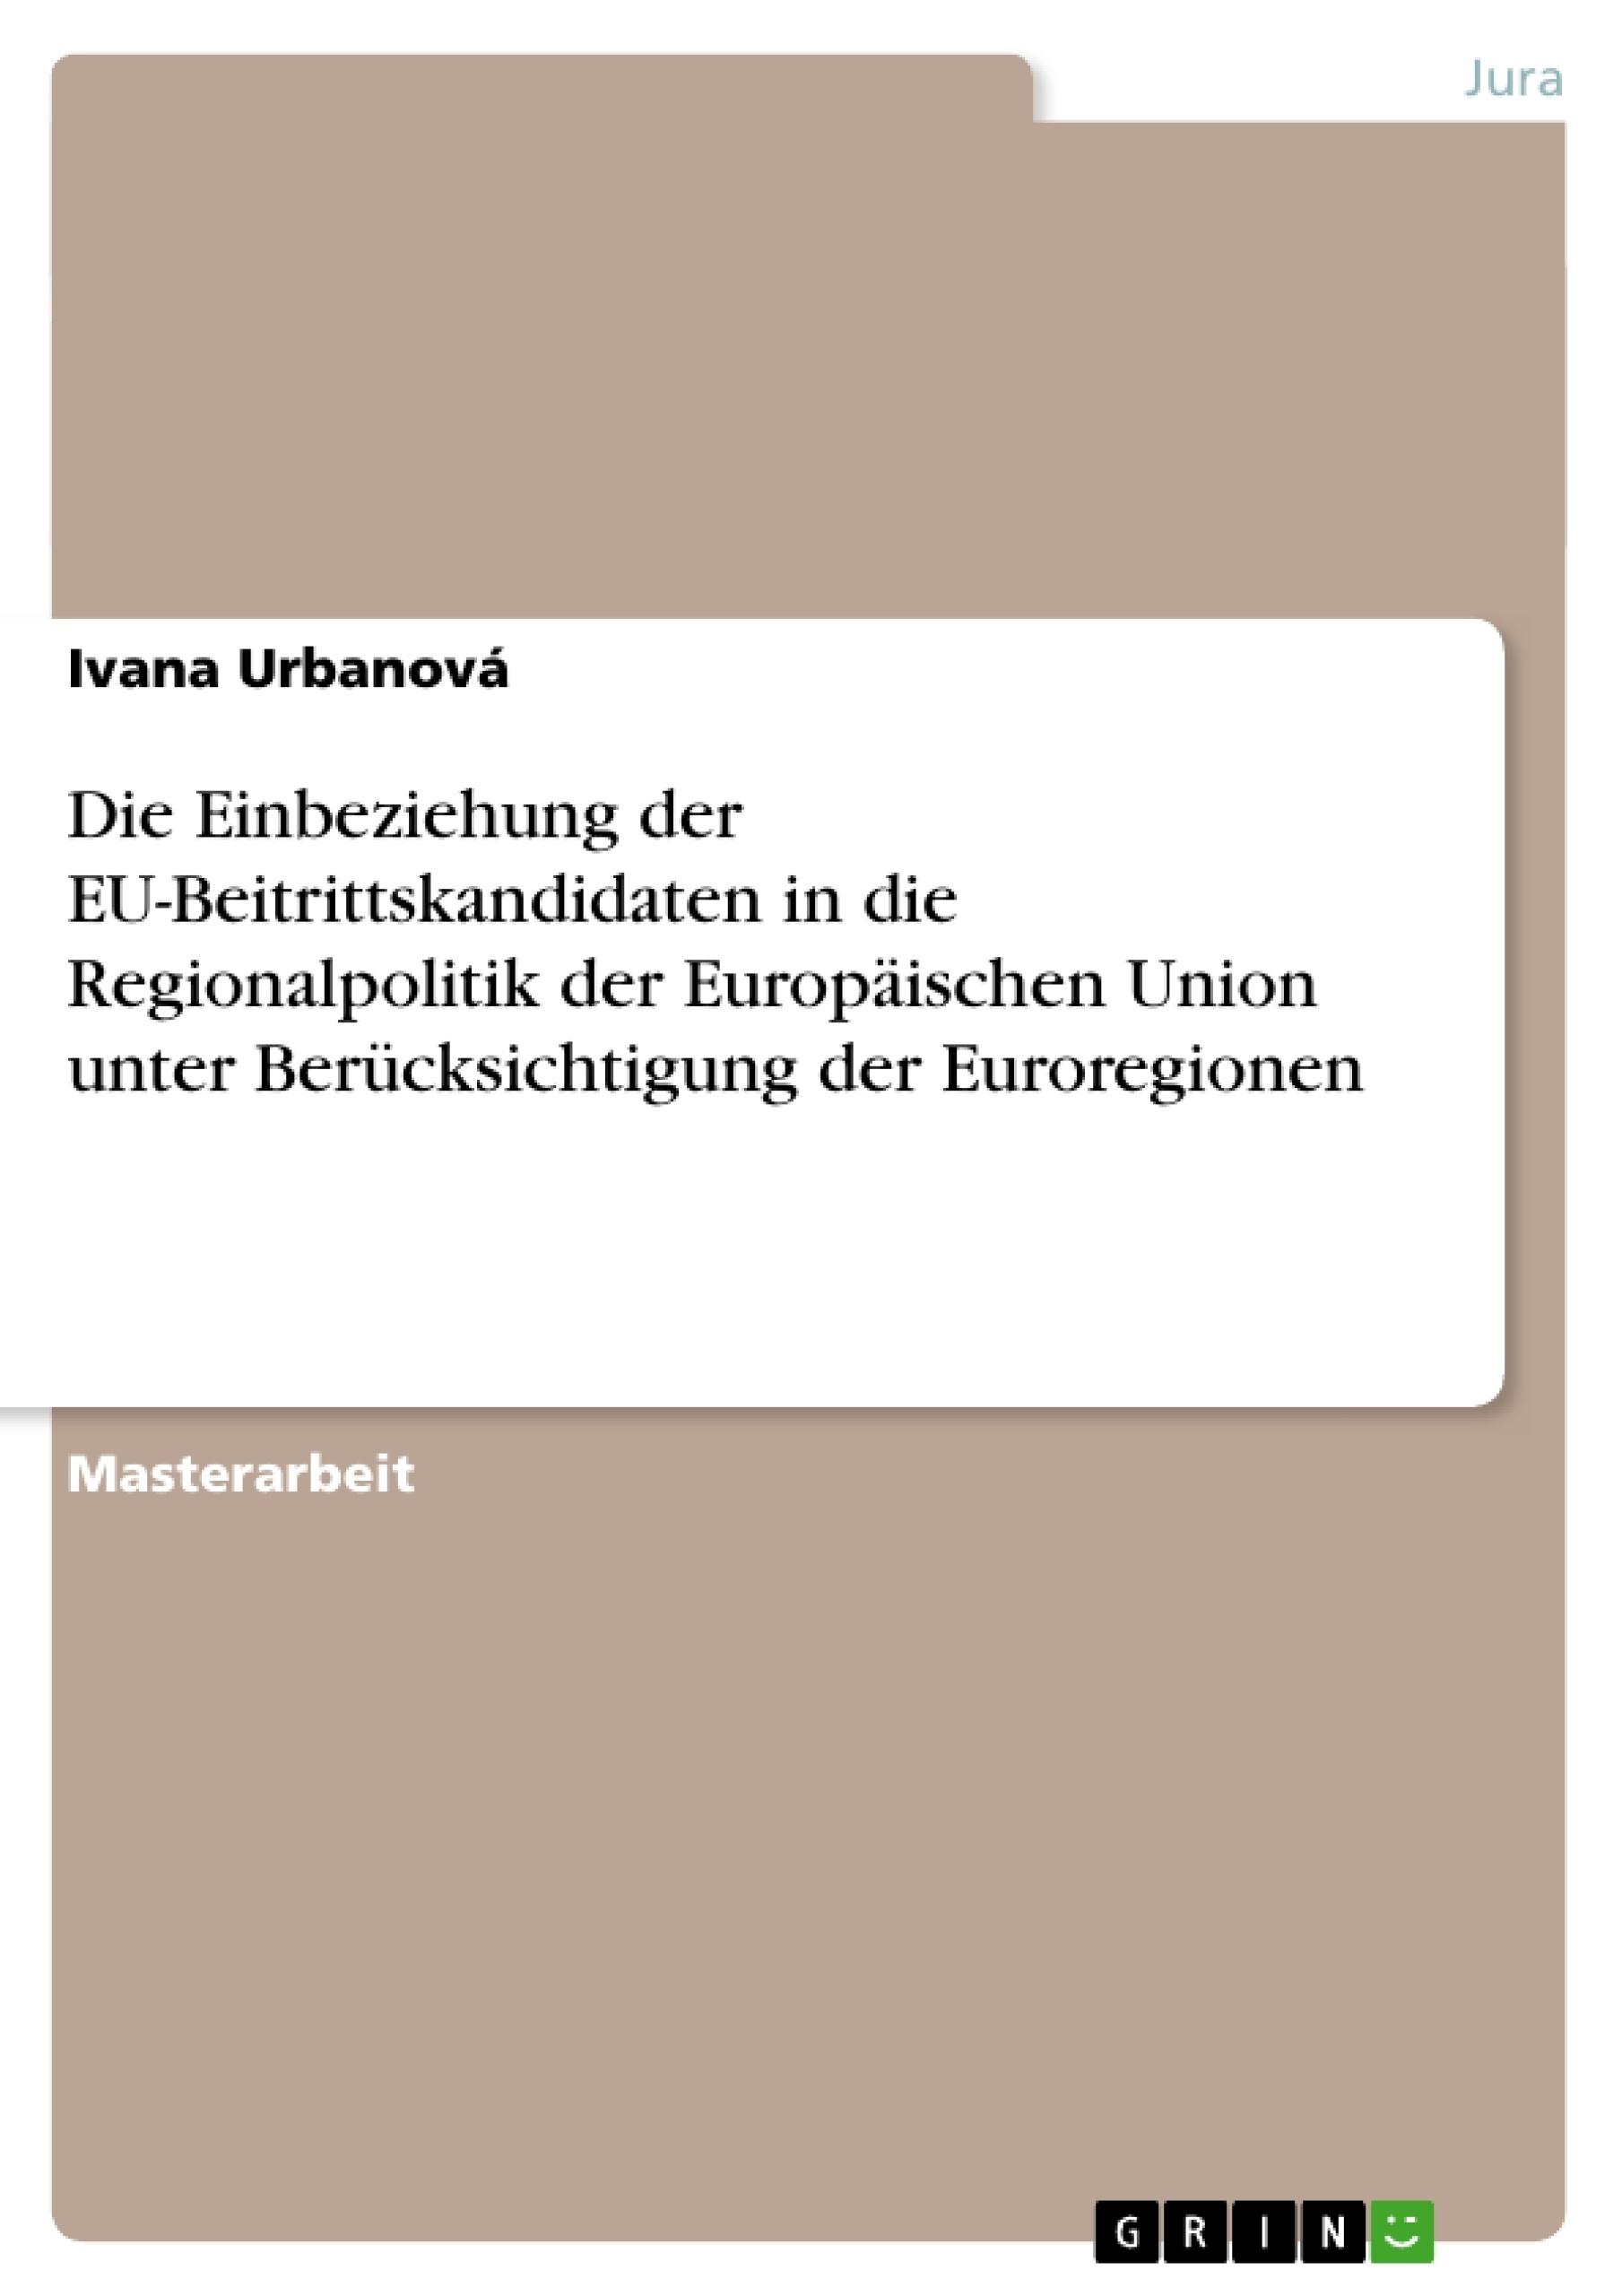 Titel: Die Einbeziehung der EU-Beitrittskandidaten in die Regionalpolitik der Europäischen Union  unter Berücksichtigung der Euroregionen